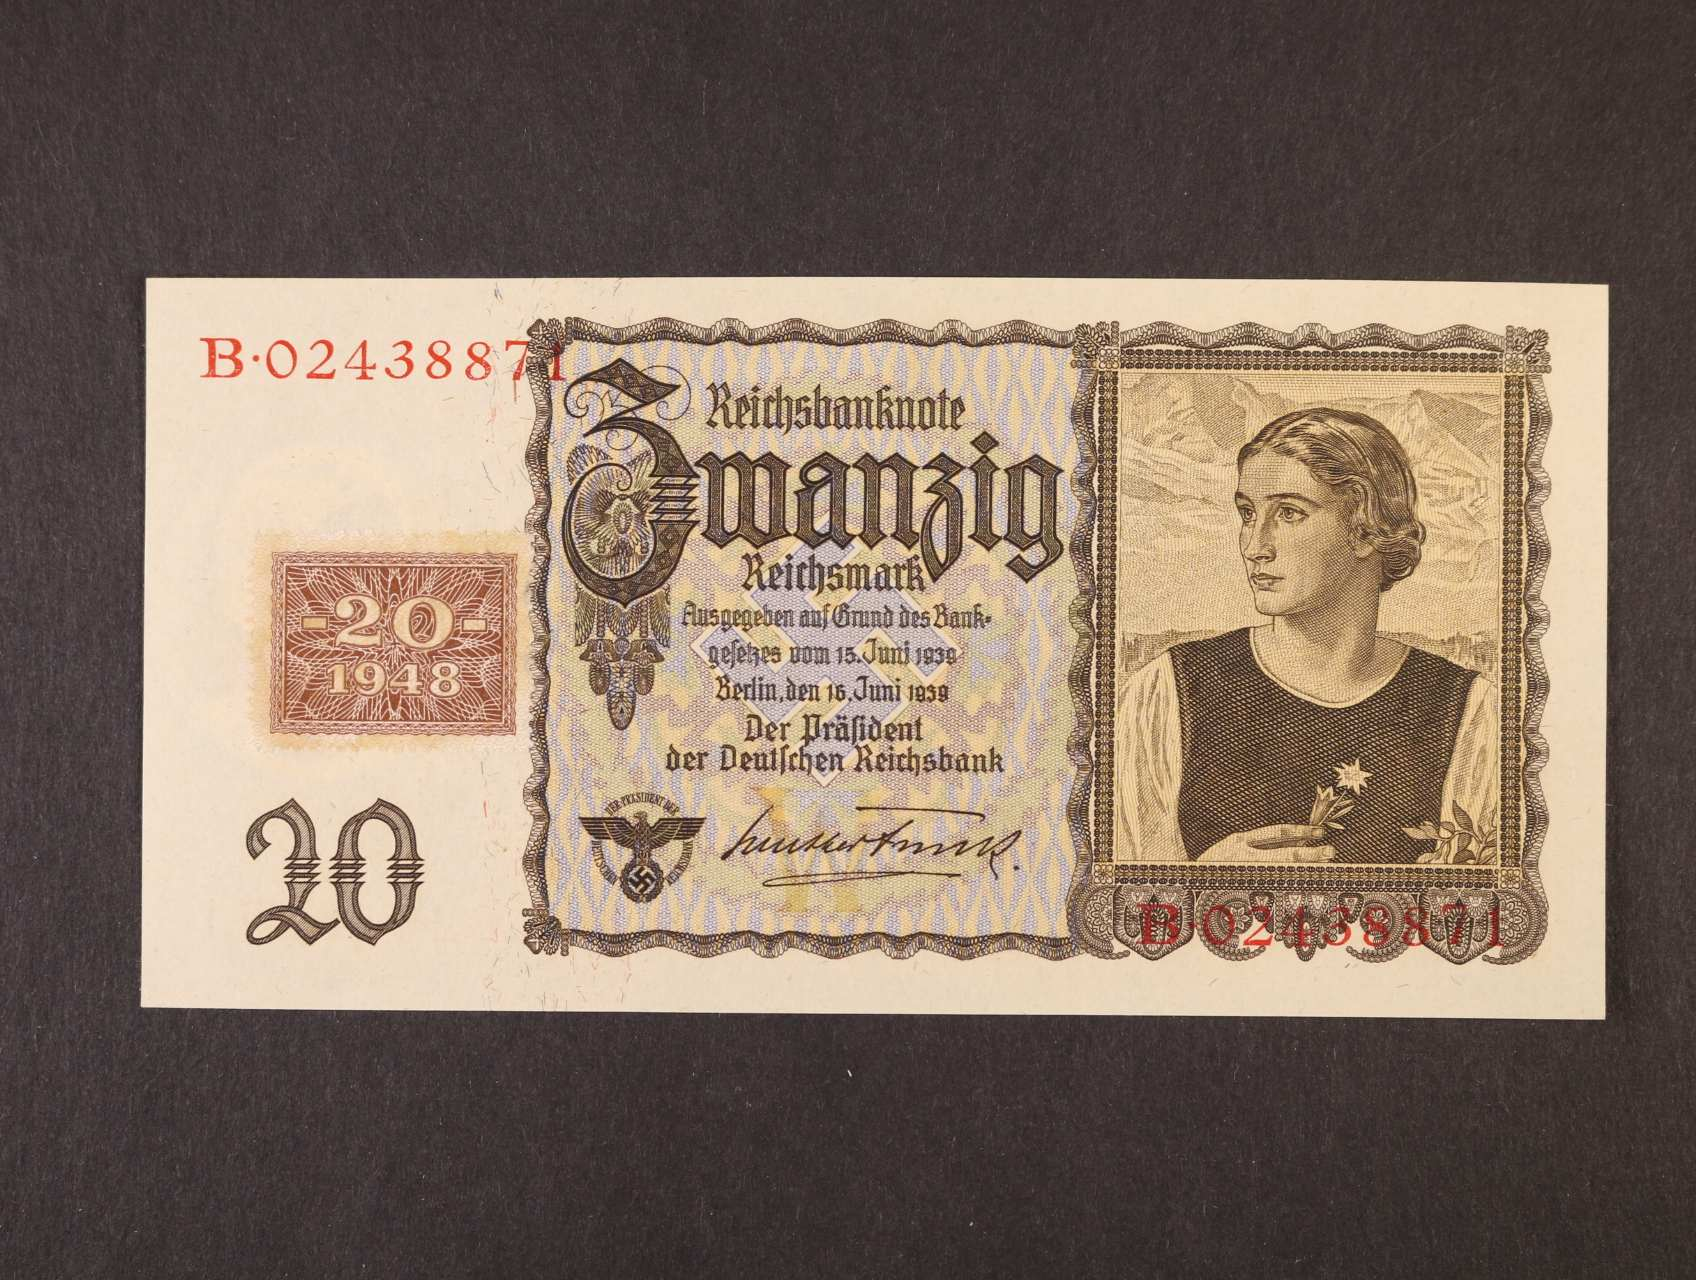 20 DM 1948 / 1939 kolkovaná, Ro. 336